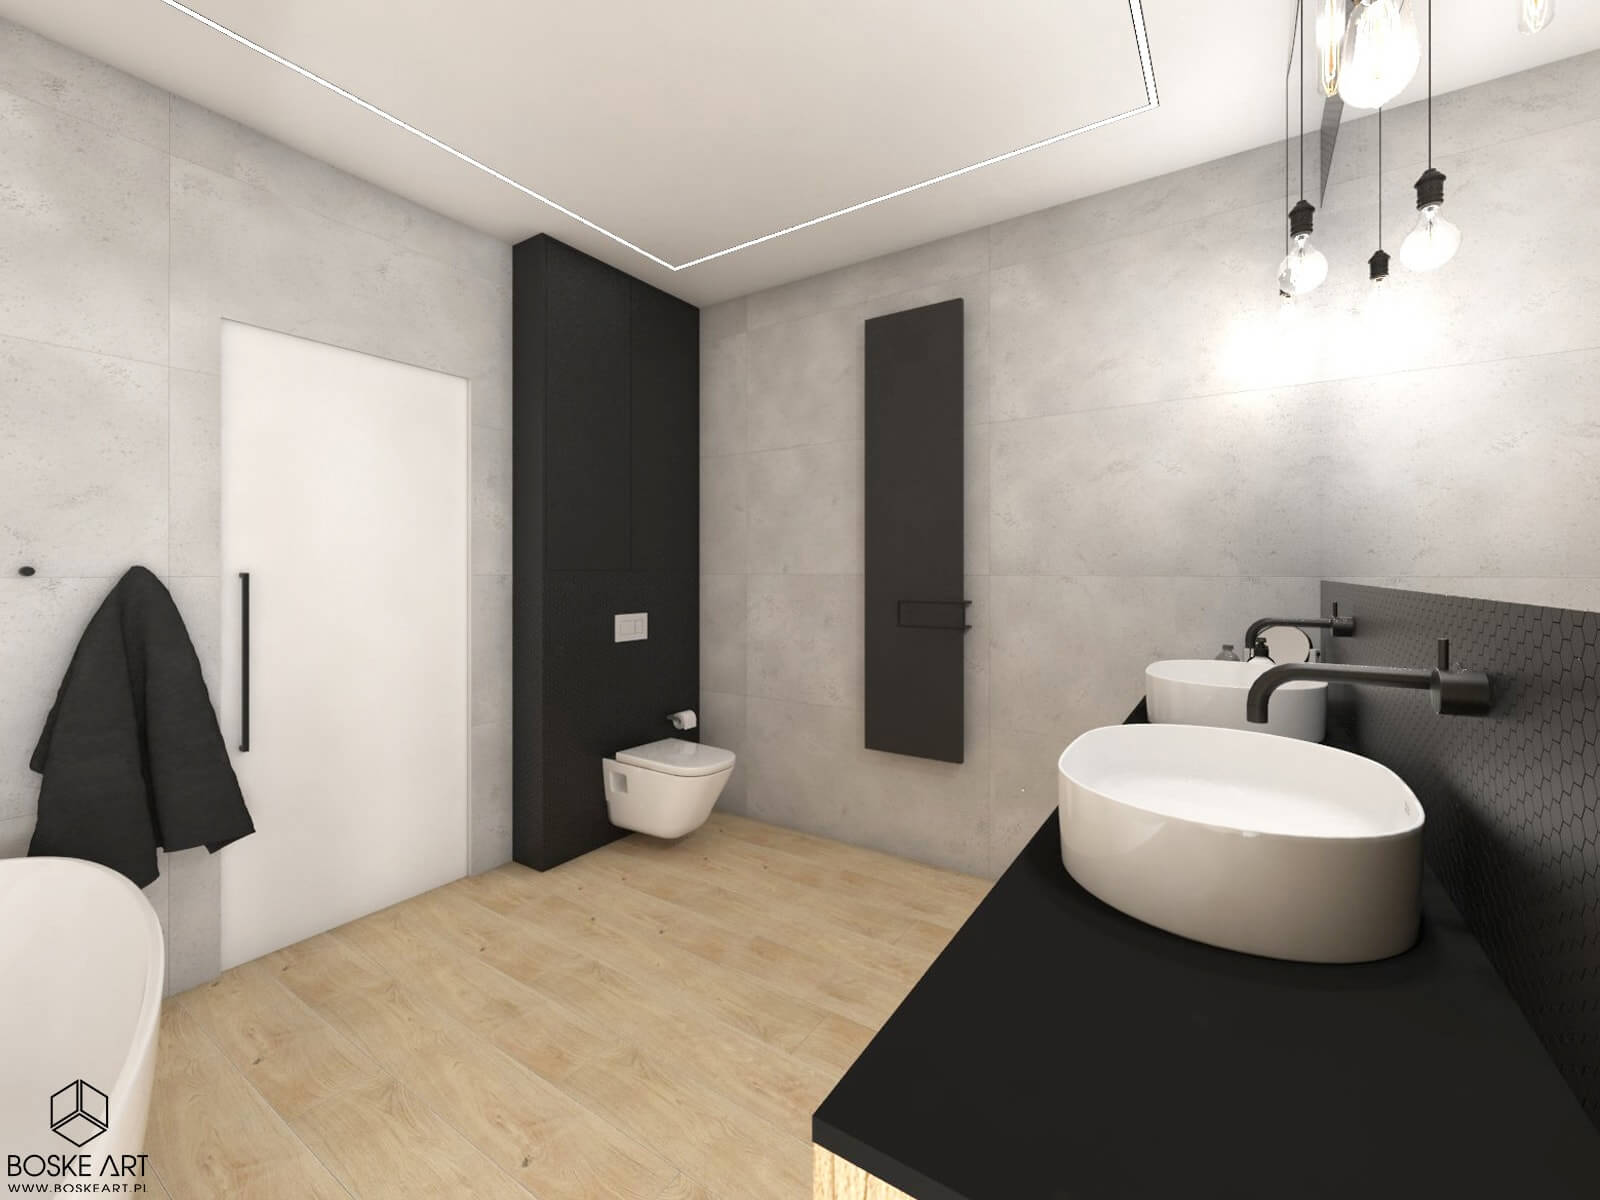 20_mieszkanie_poznan_boske_art_projektowanie_wnetrz_architektura_natalia_robaszkiewicz-min